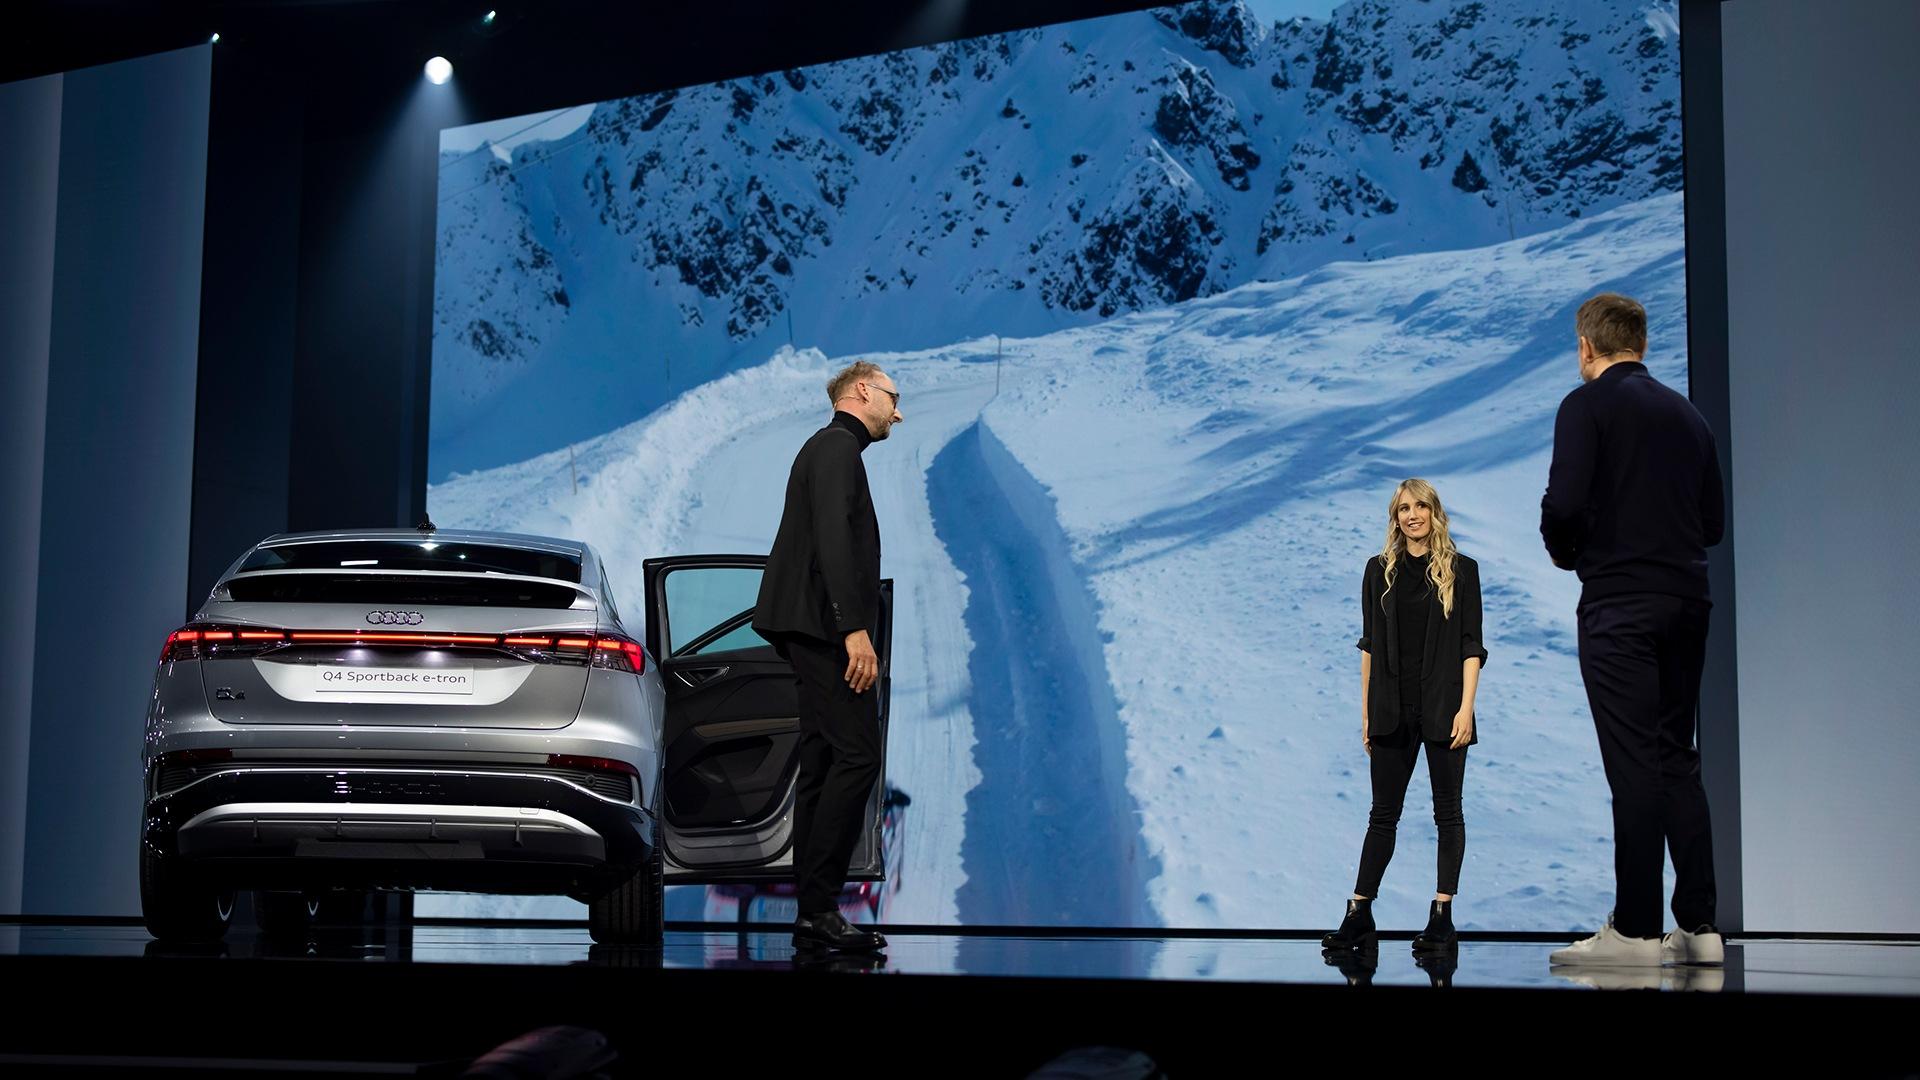 Avstrijska deskarka na snegu Anna Gasser je na olimpijskih igrah in svetovnem prvenstvu s svojo desko pometla s konkurenco. Je ambasadorka znamke Audi.